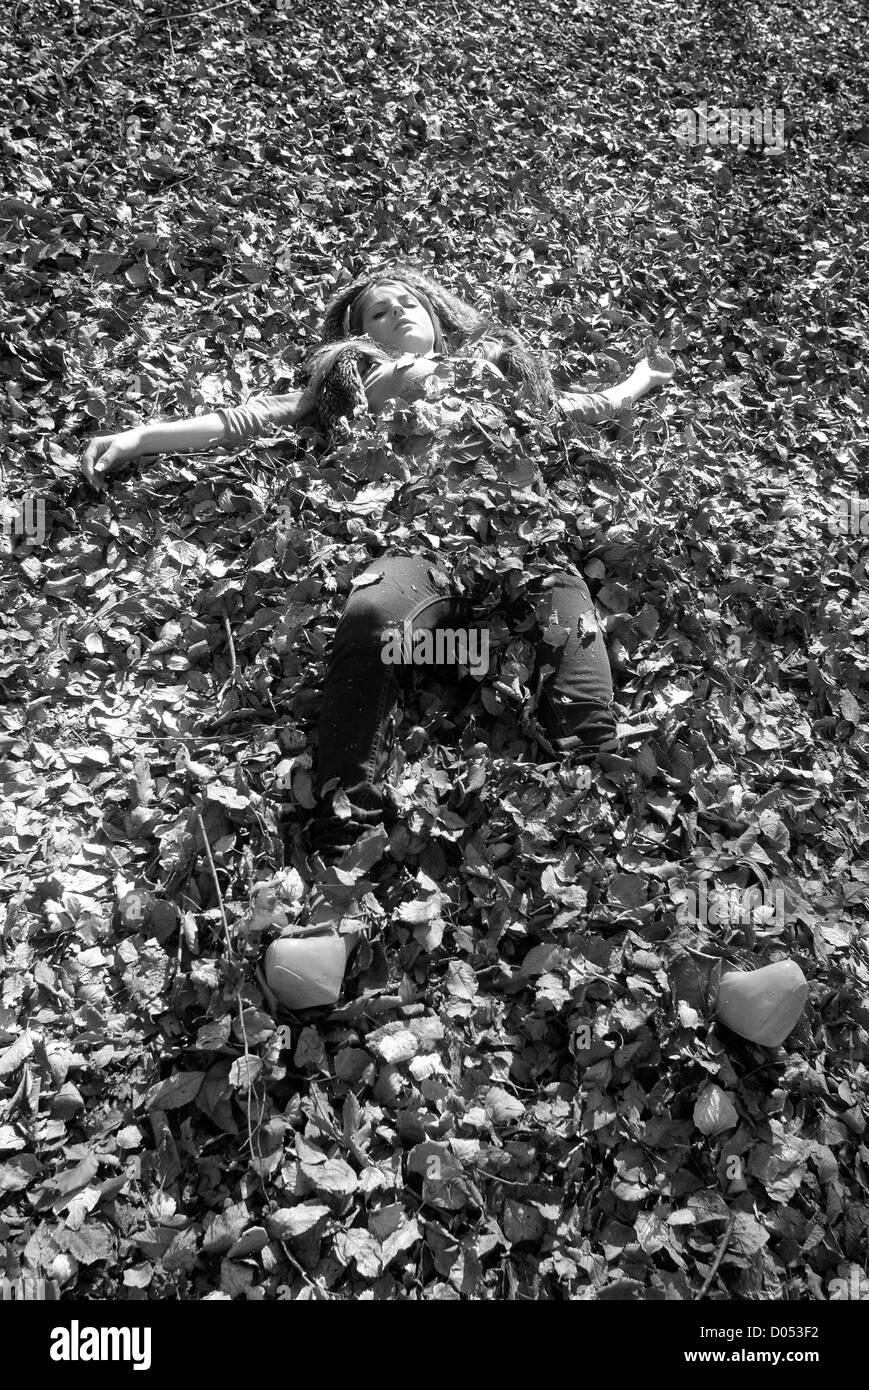 Woman buried in oak leafs Stock Photo